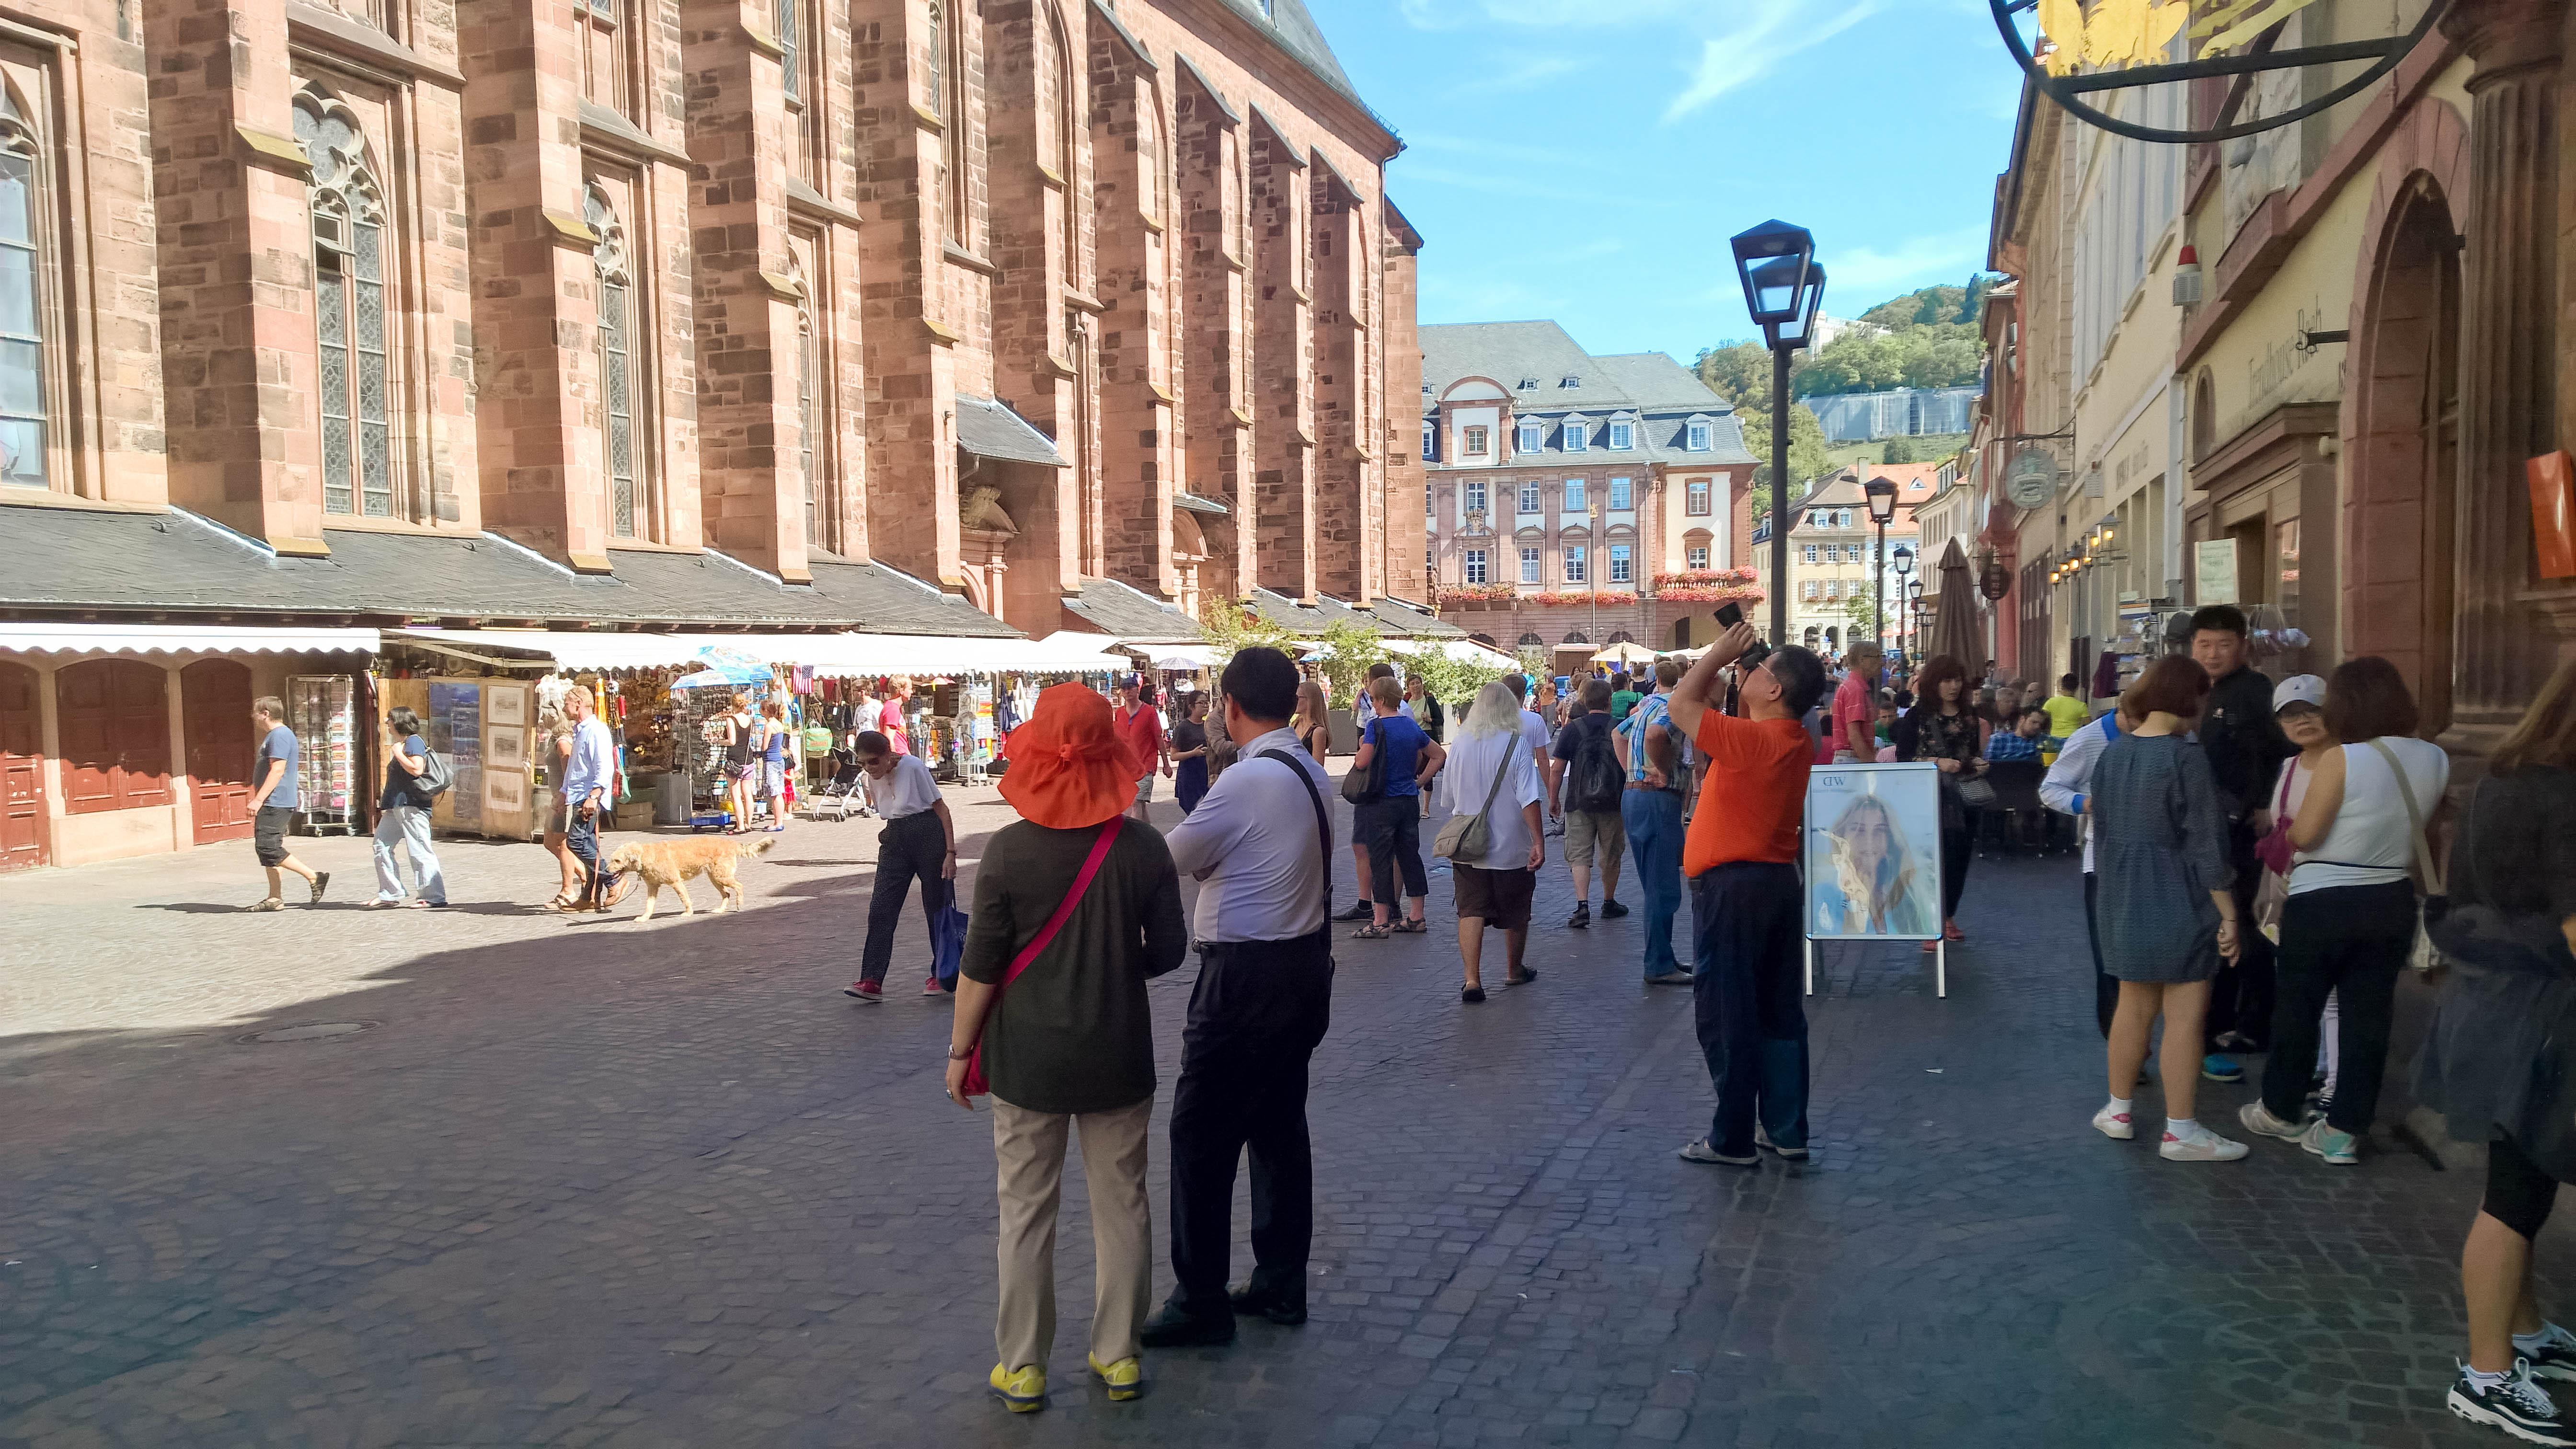 Nokia Lumia 1520 Photo Example - Tourist Attraction